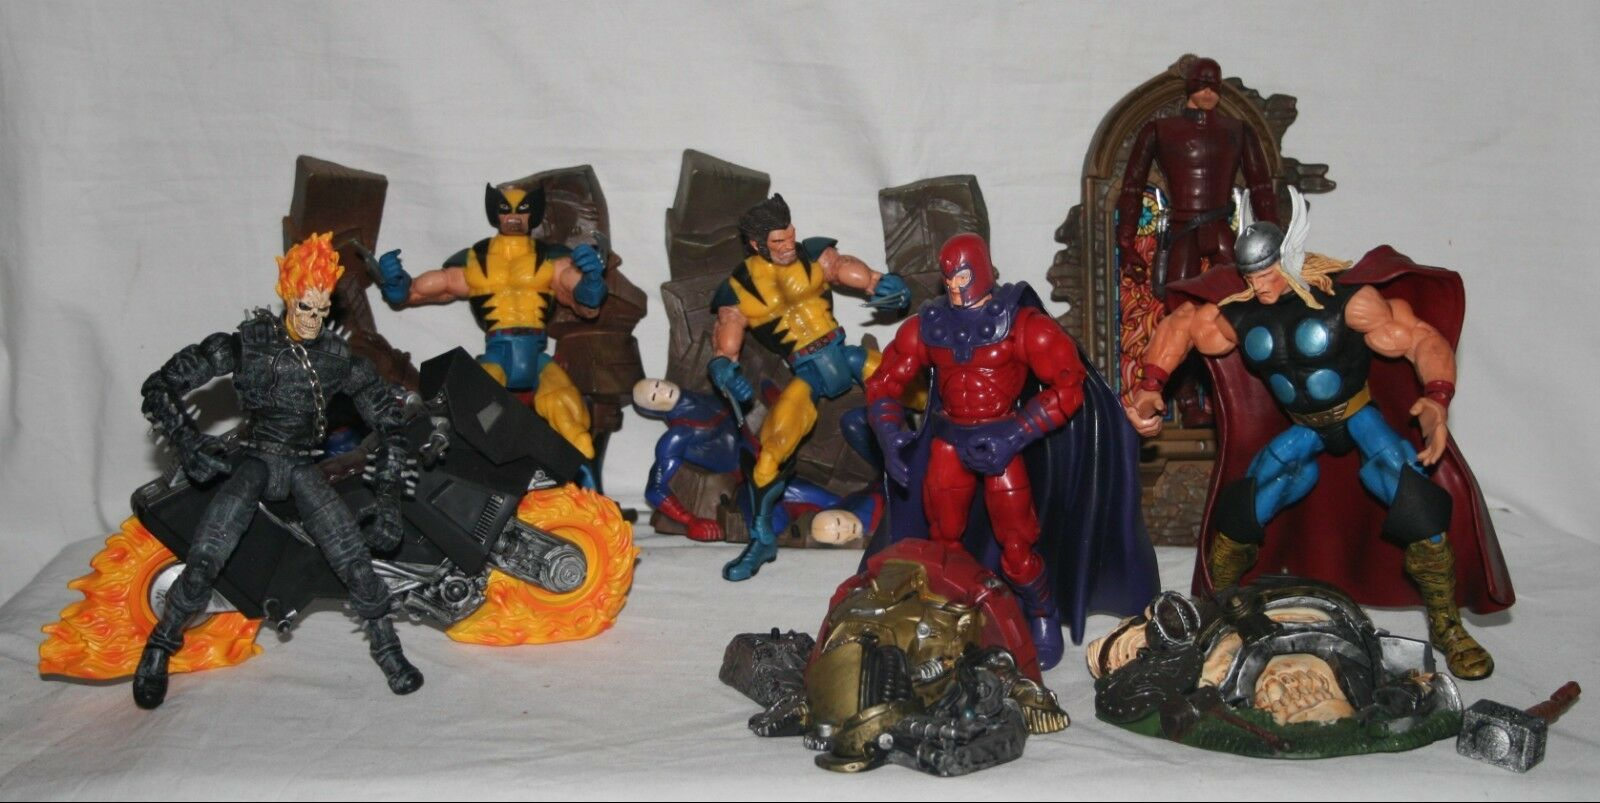 Marvel legends series 3 2002 complete set regular and variants